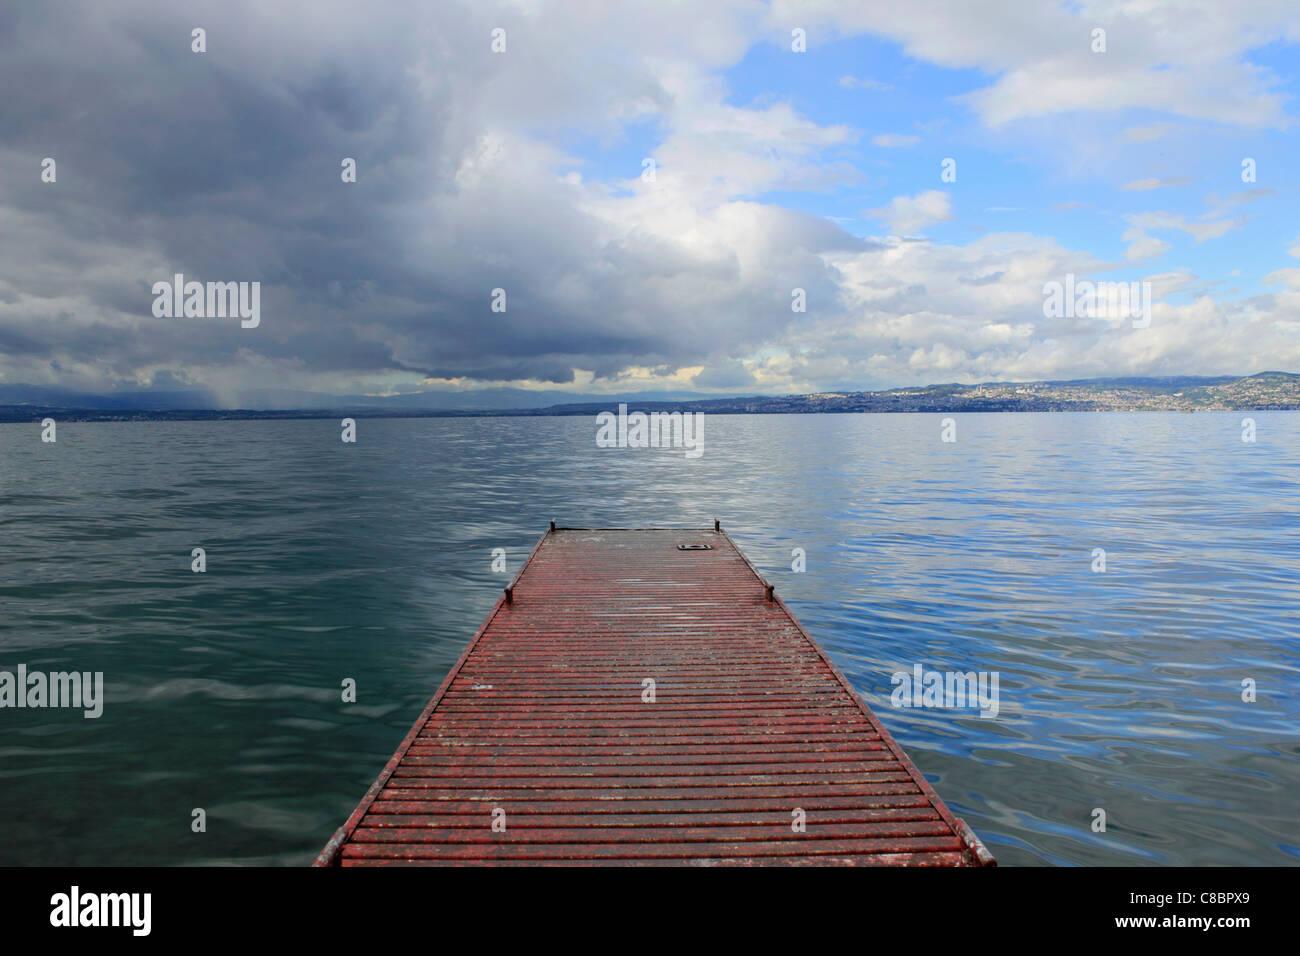 Stormy skies over Lake Geneva (Lac Leman) at Evian France - Stock Image